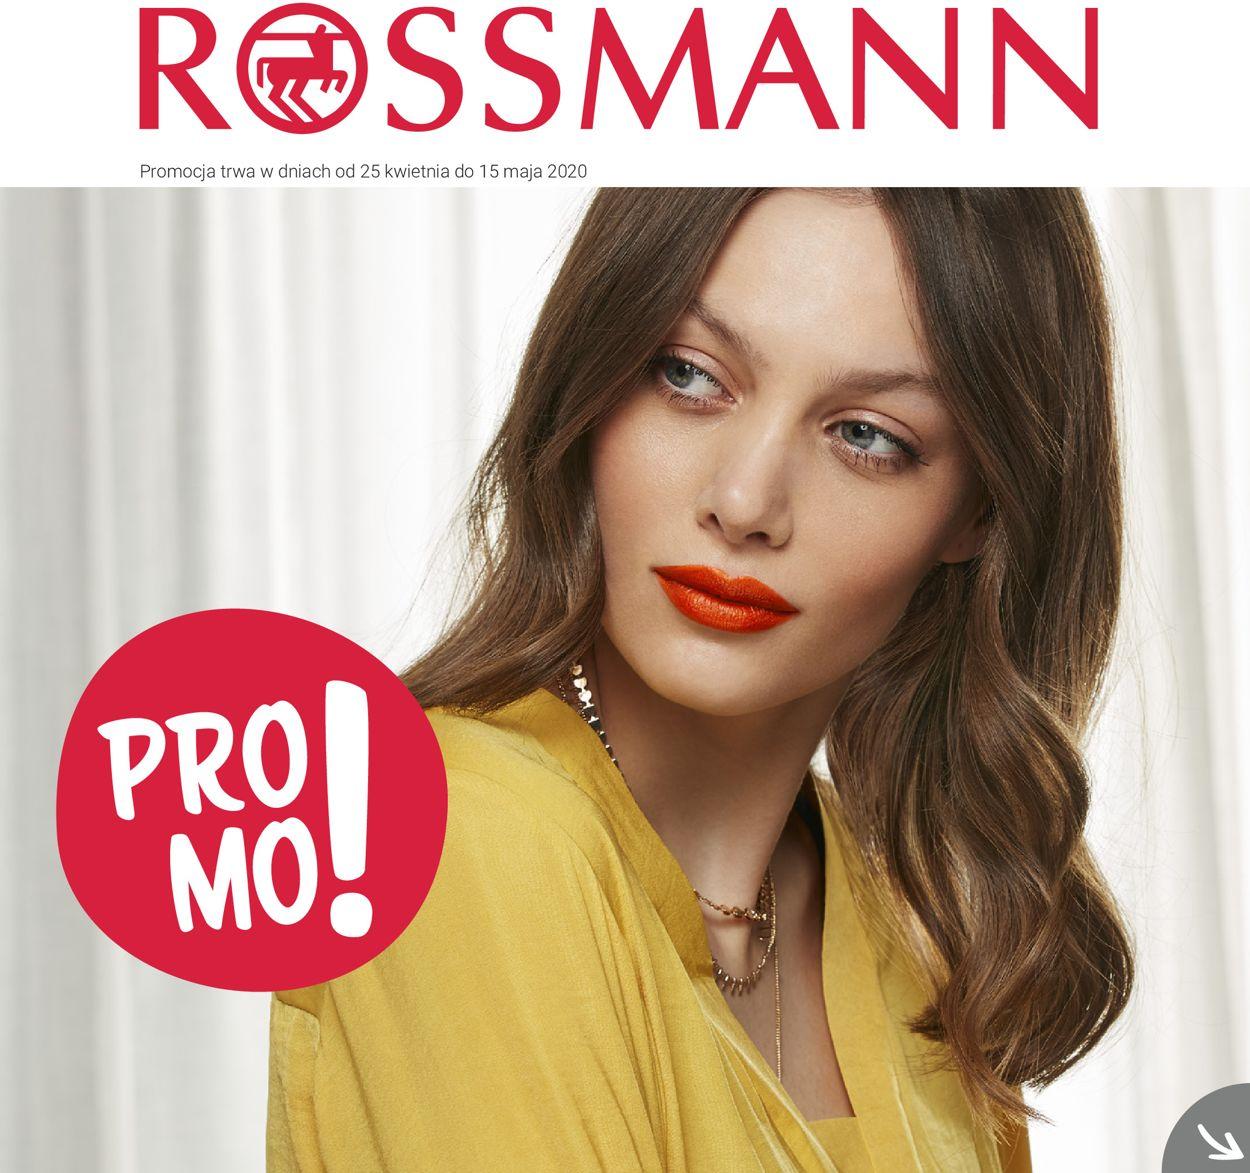 Gazetka promocyjna Rossmann - 25.04-15.05.2020